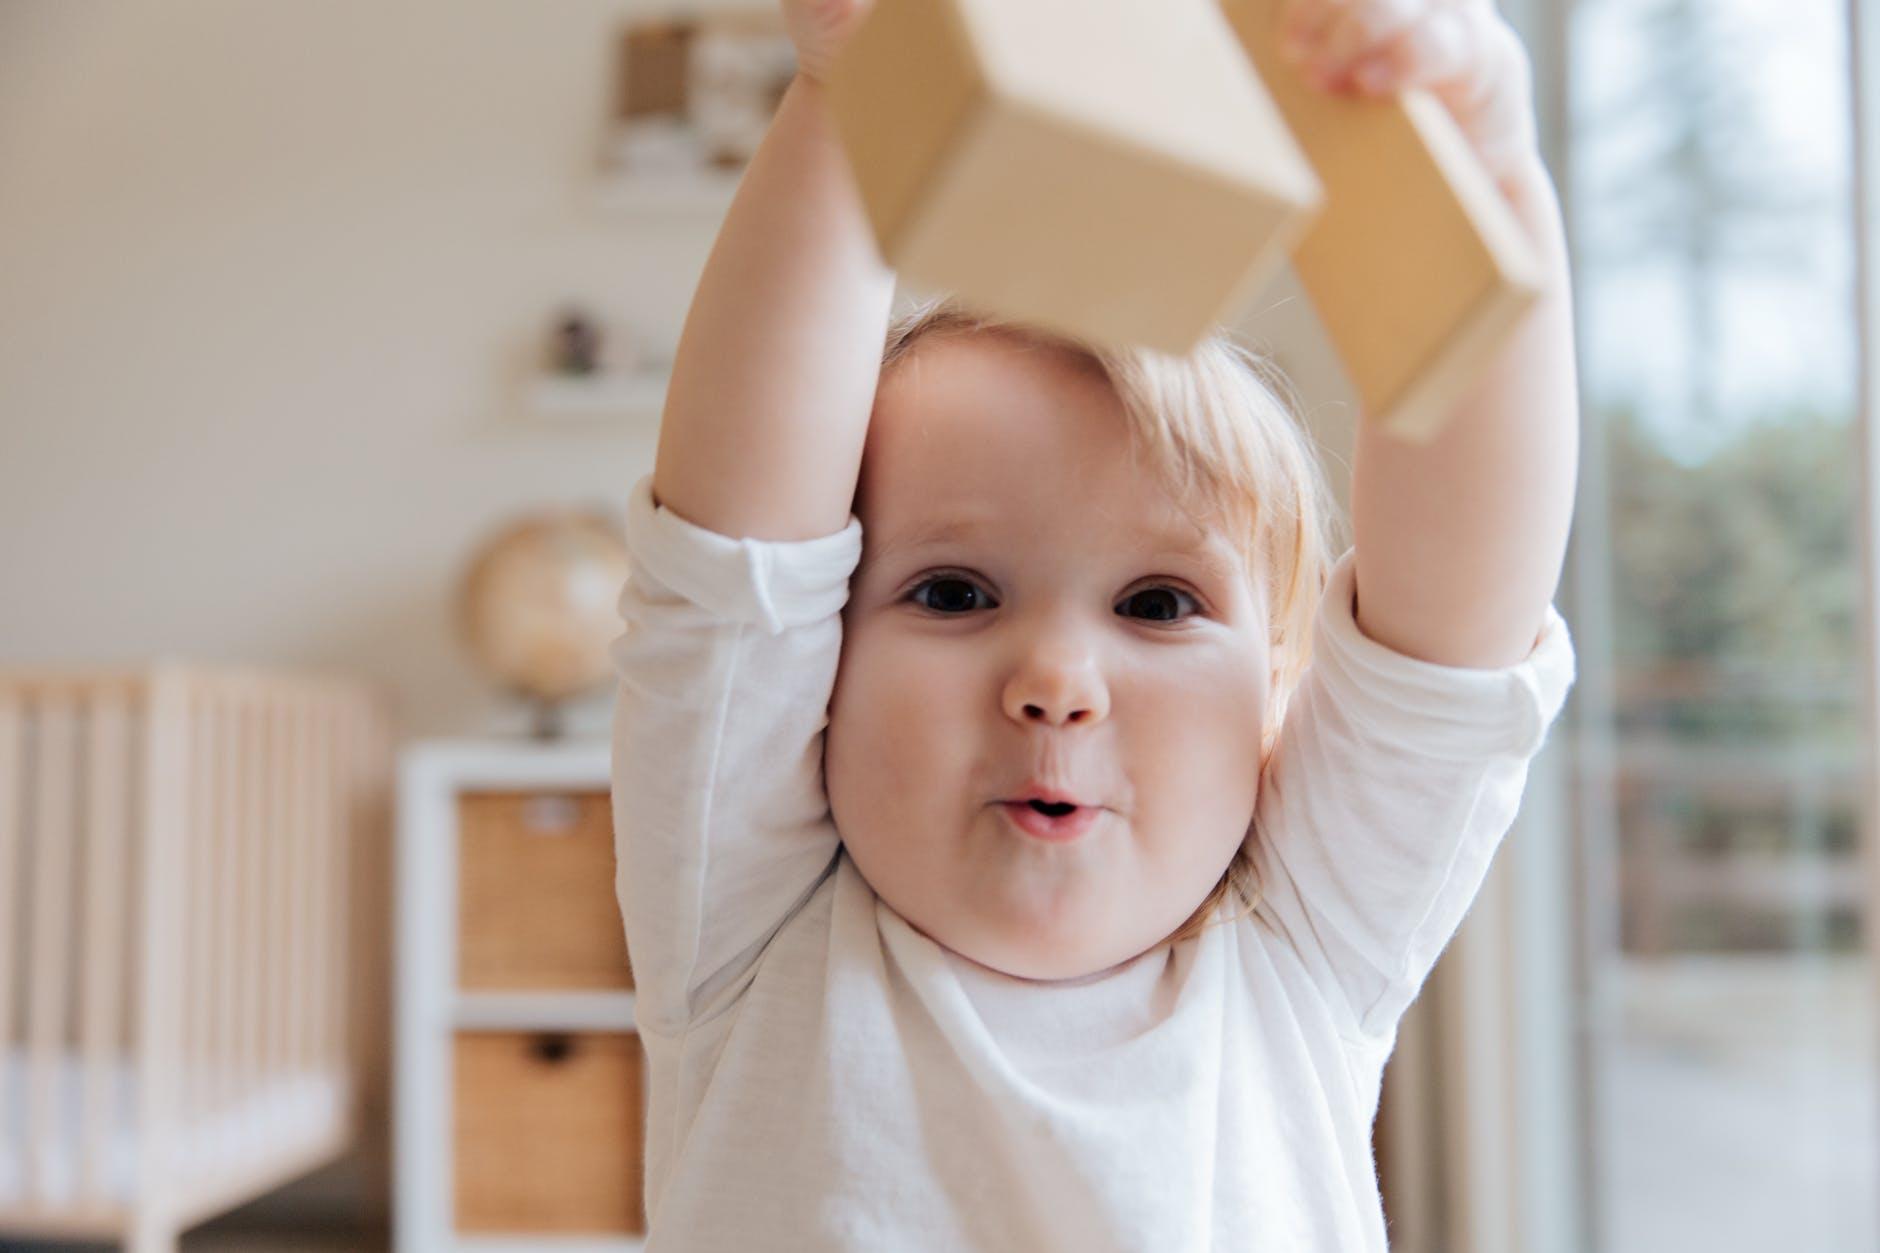 baby in white onesie holding wooden blocks